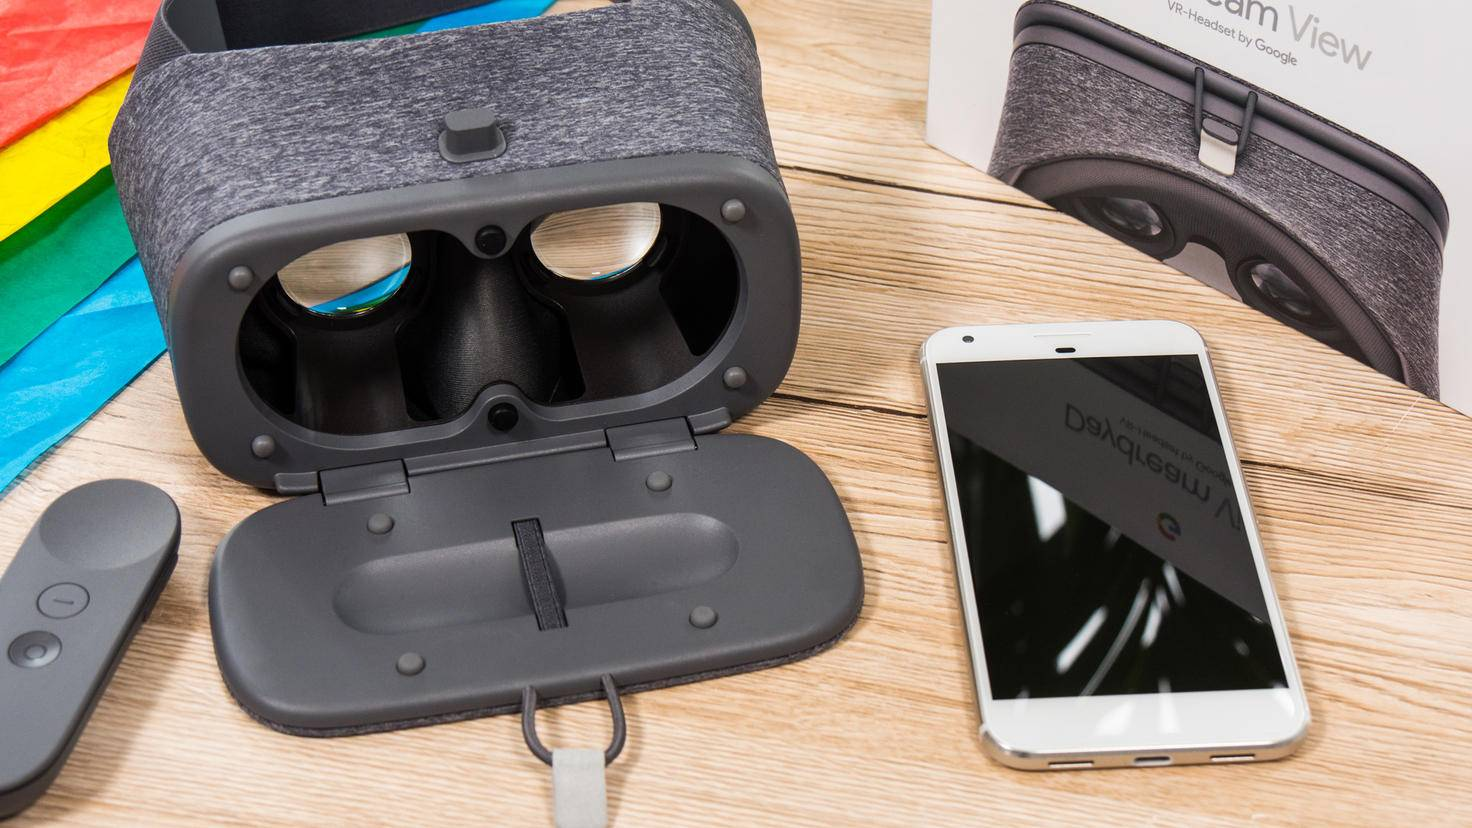 Das Smartphone dient als Display für die VR-Darstellung.